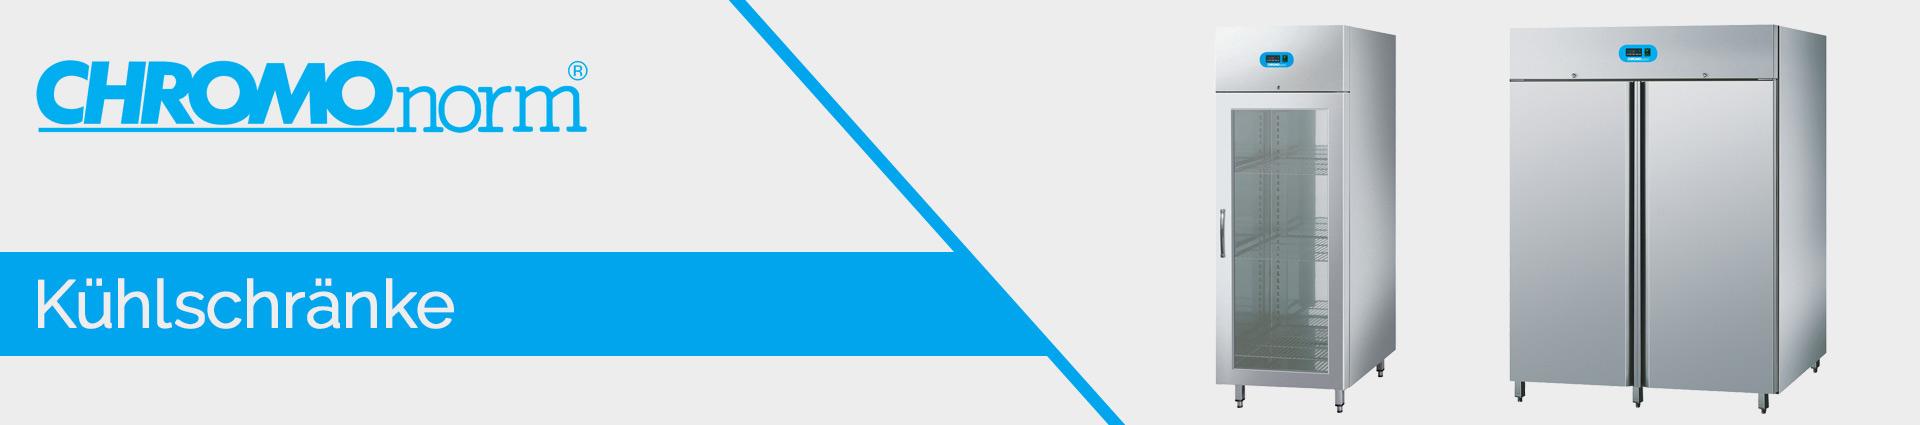 Chromonorm Kühlschränke Banner